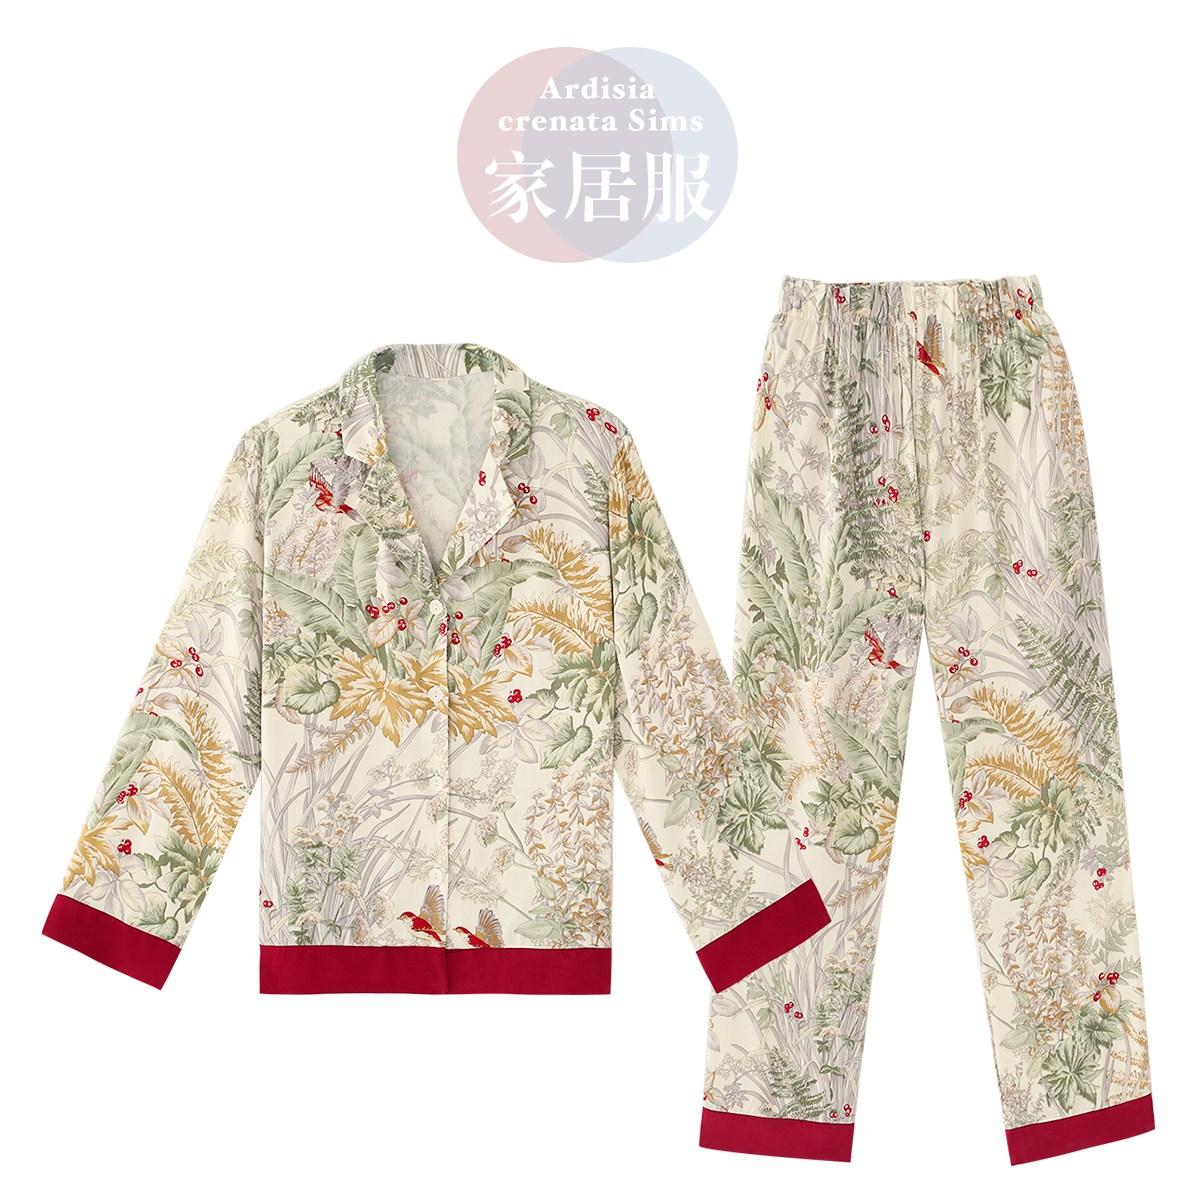 봄여름 잠옷 장화홍련st 빈티지 파자마 빠른 항공 배송